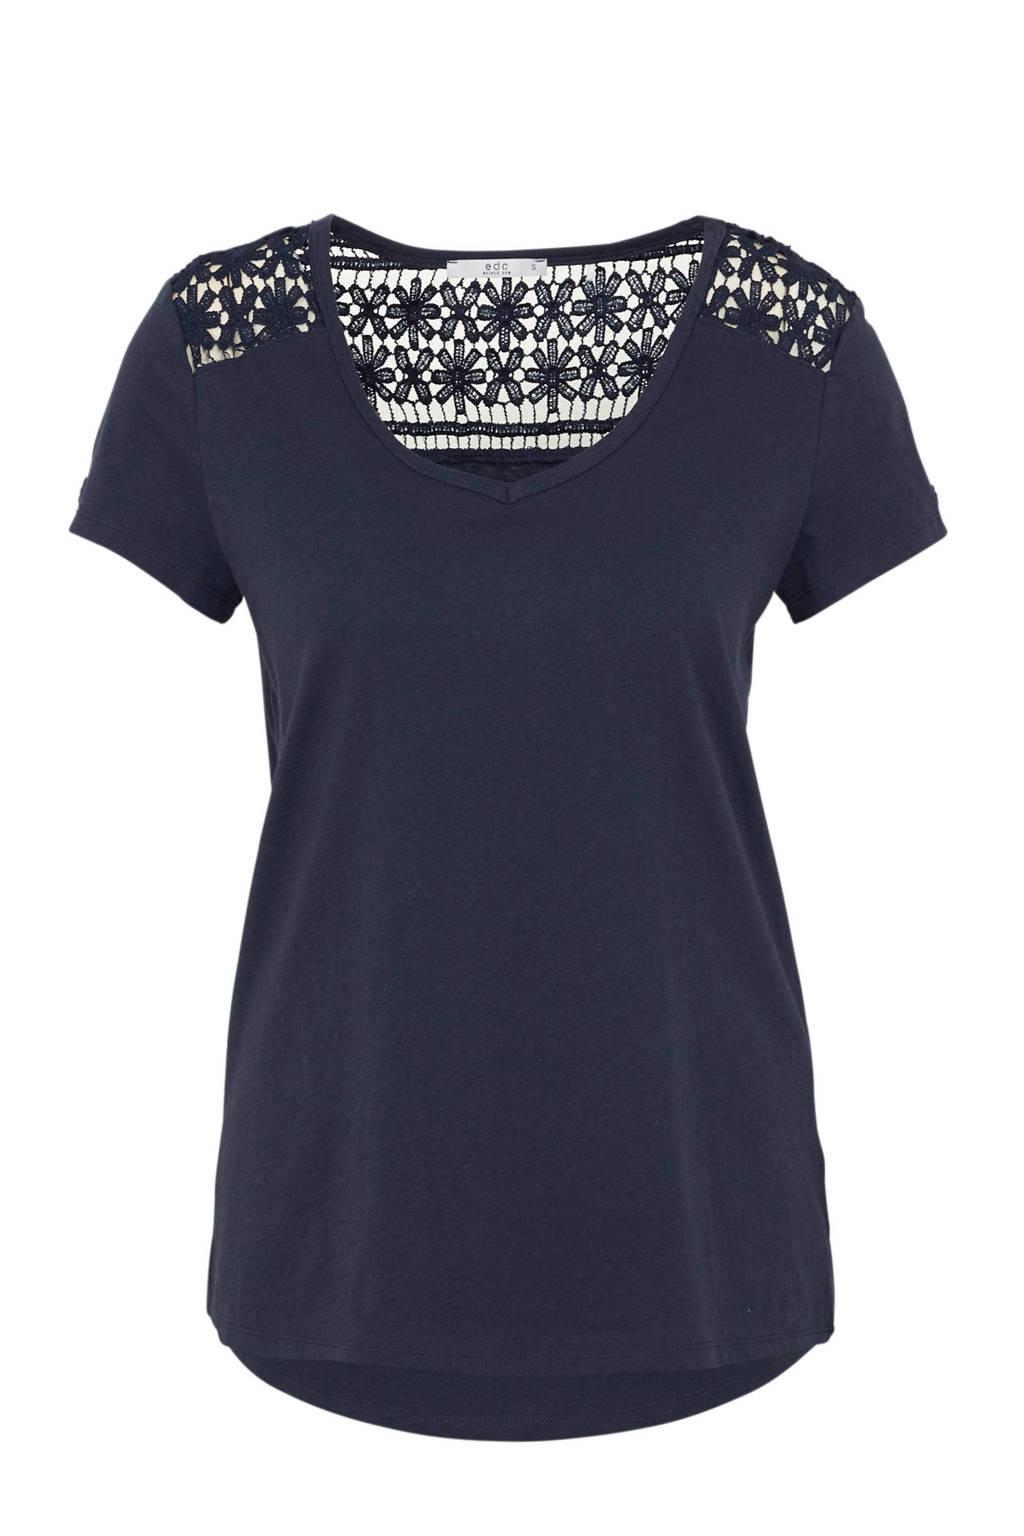 ESPRIT T-shirt met crochet donkerblauw, Donkerblauw